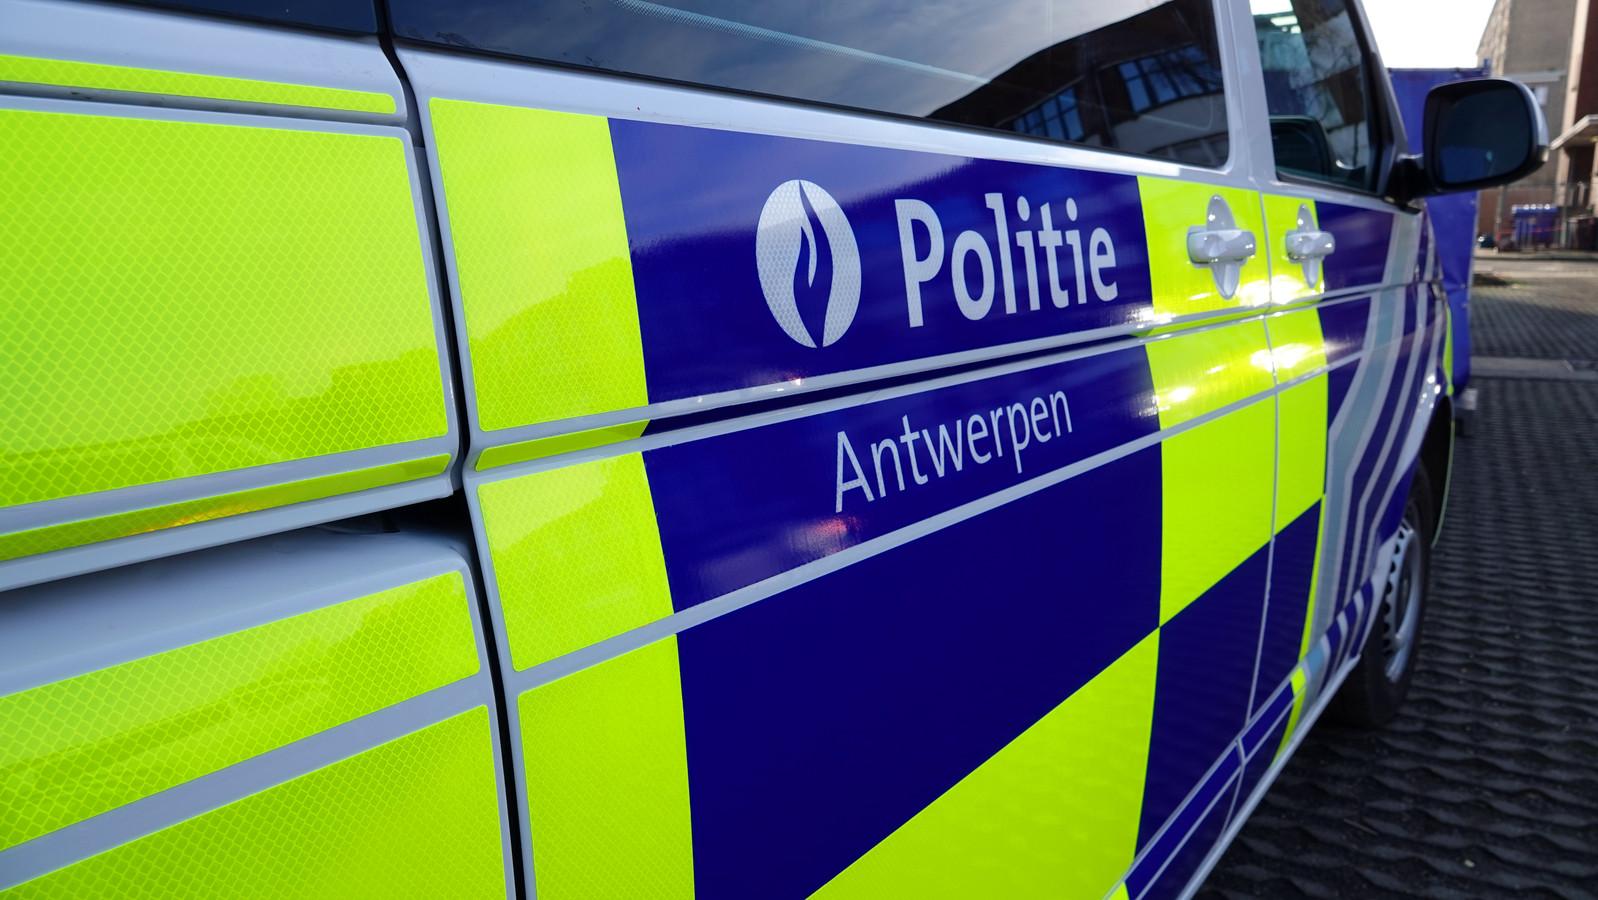 Politie Antwerpen stock Illustratiebeeld